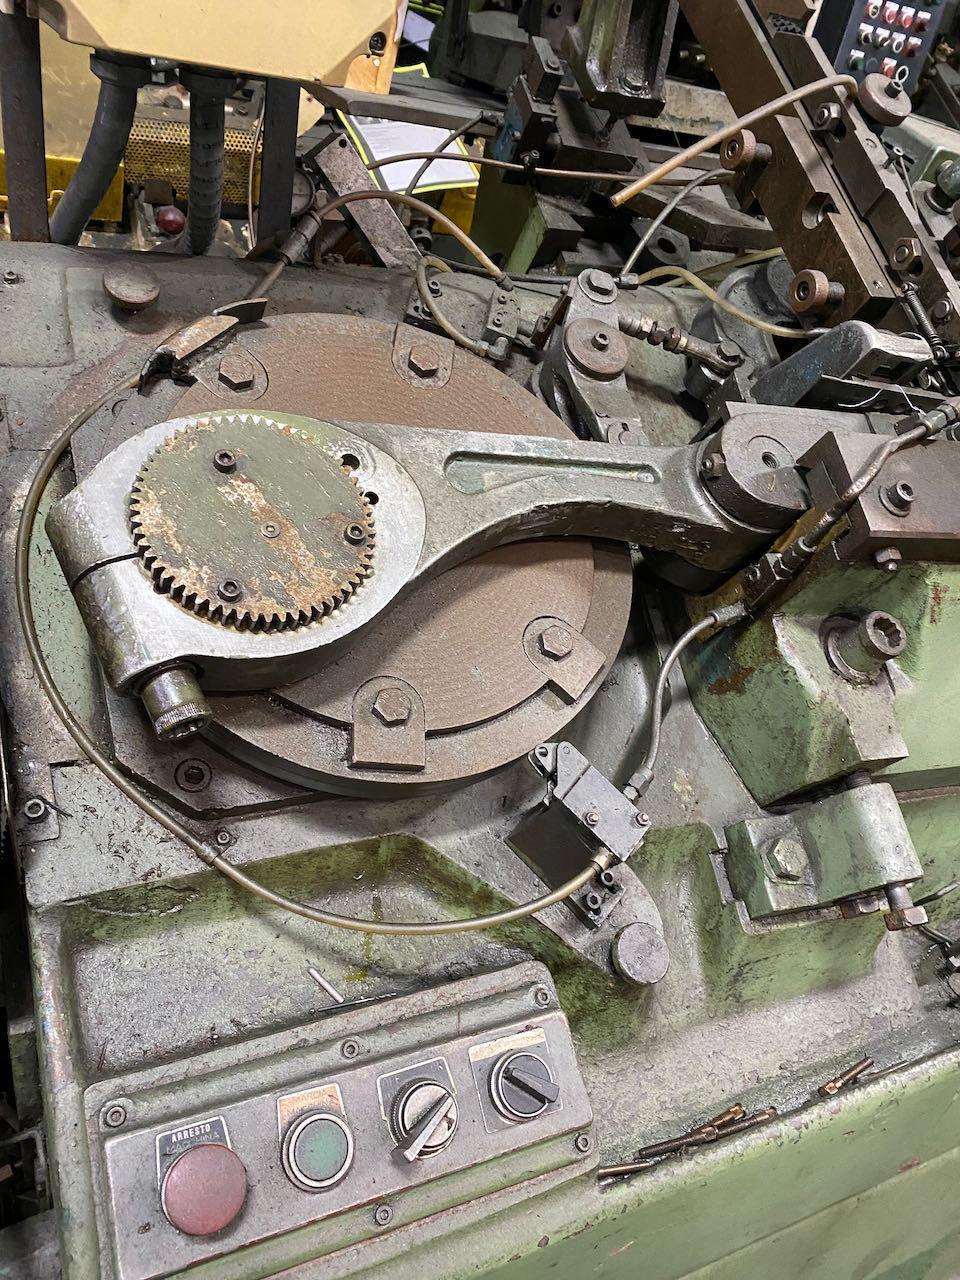 Sacma Model RU-1 Thread Roller